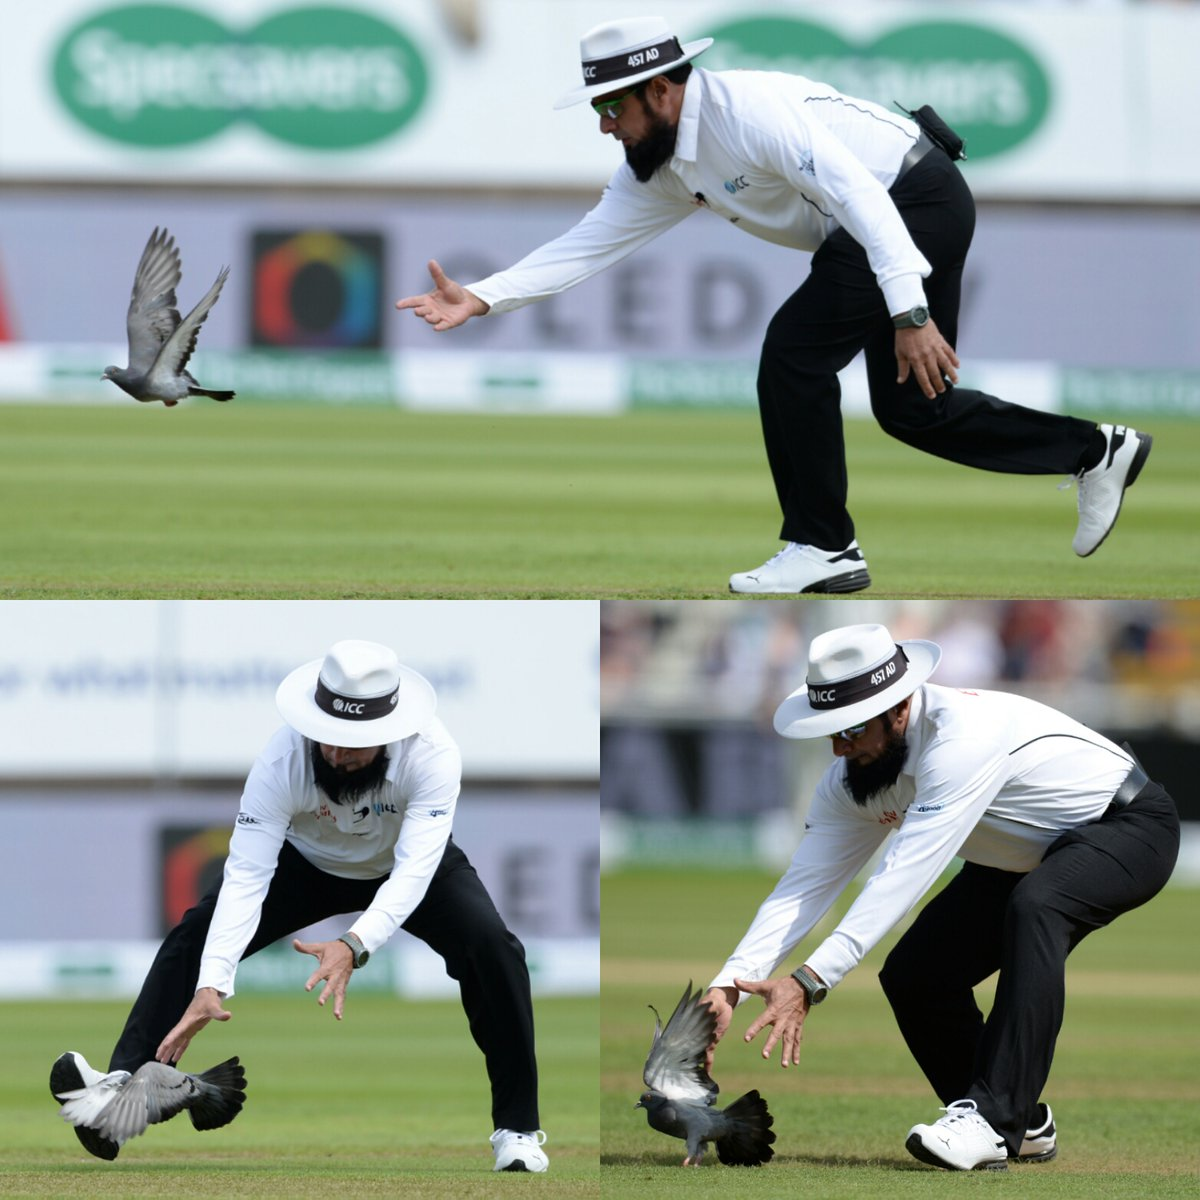 ENG vs IND: OMG: ऐसा क्या हुआ जो मैच में अंपायरिंग करना छोड़ कबूतर पकड़ने निकल पड़े अम्पायर अलीम डार